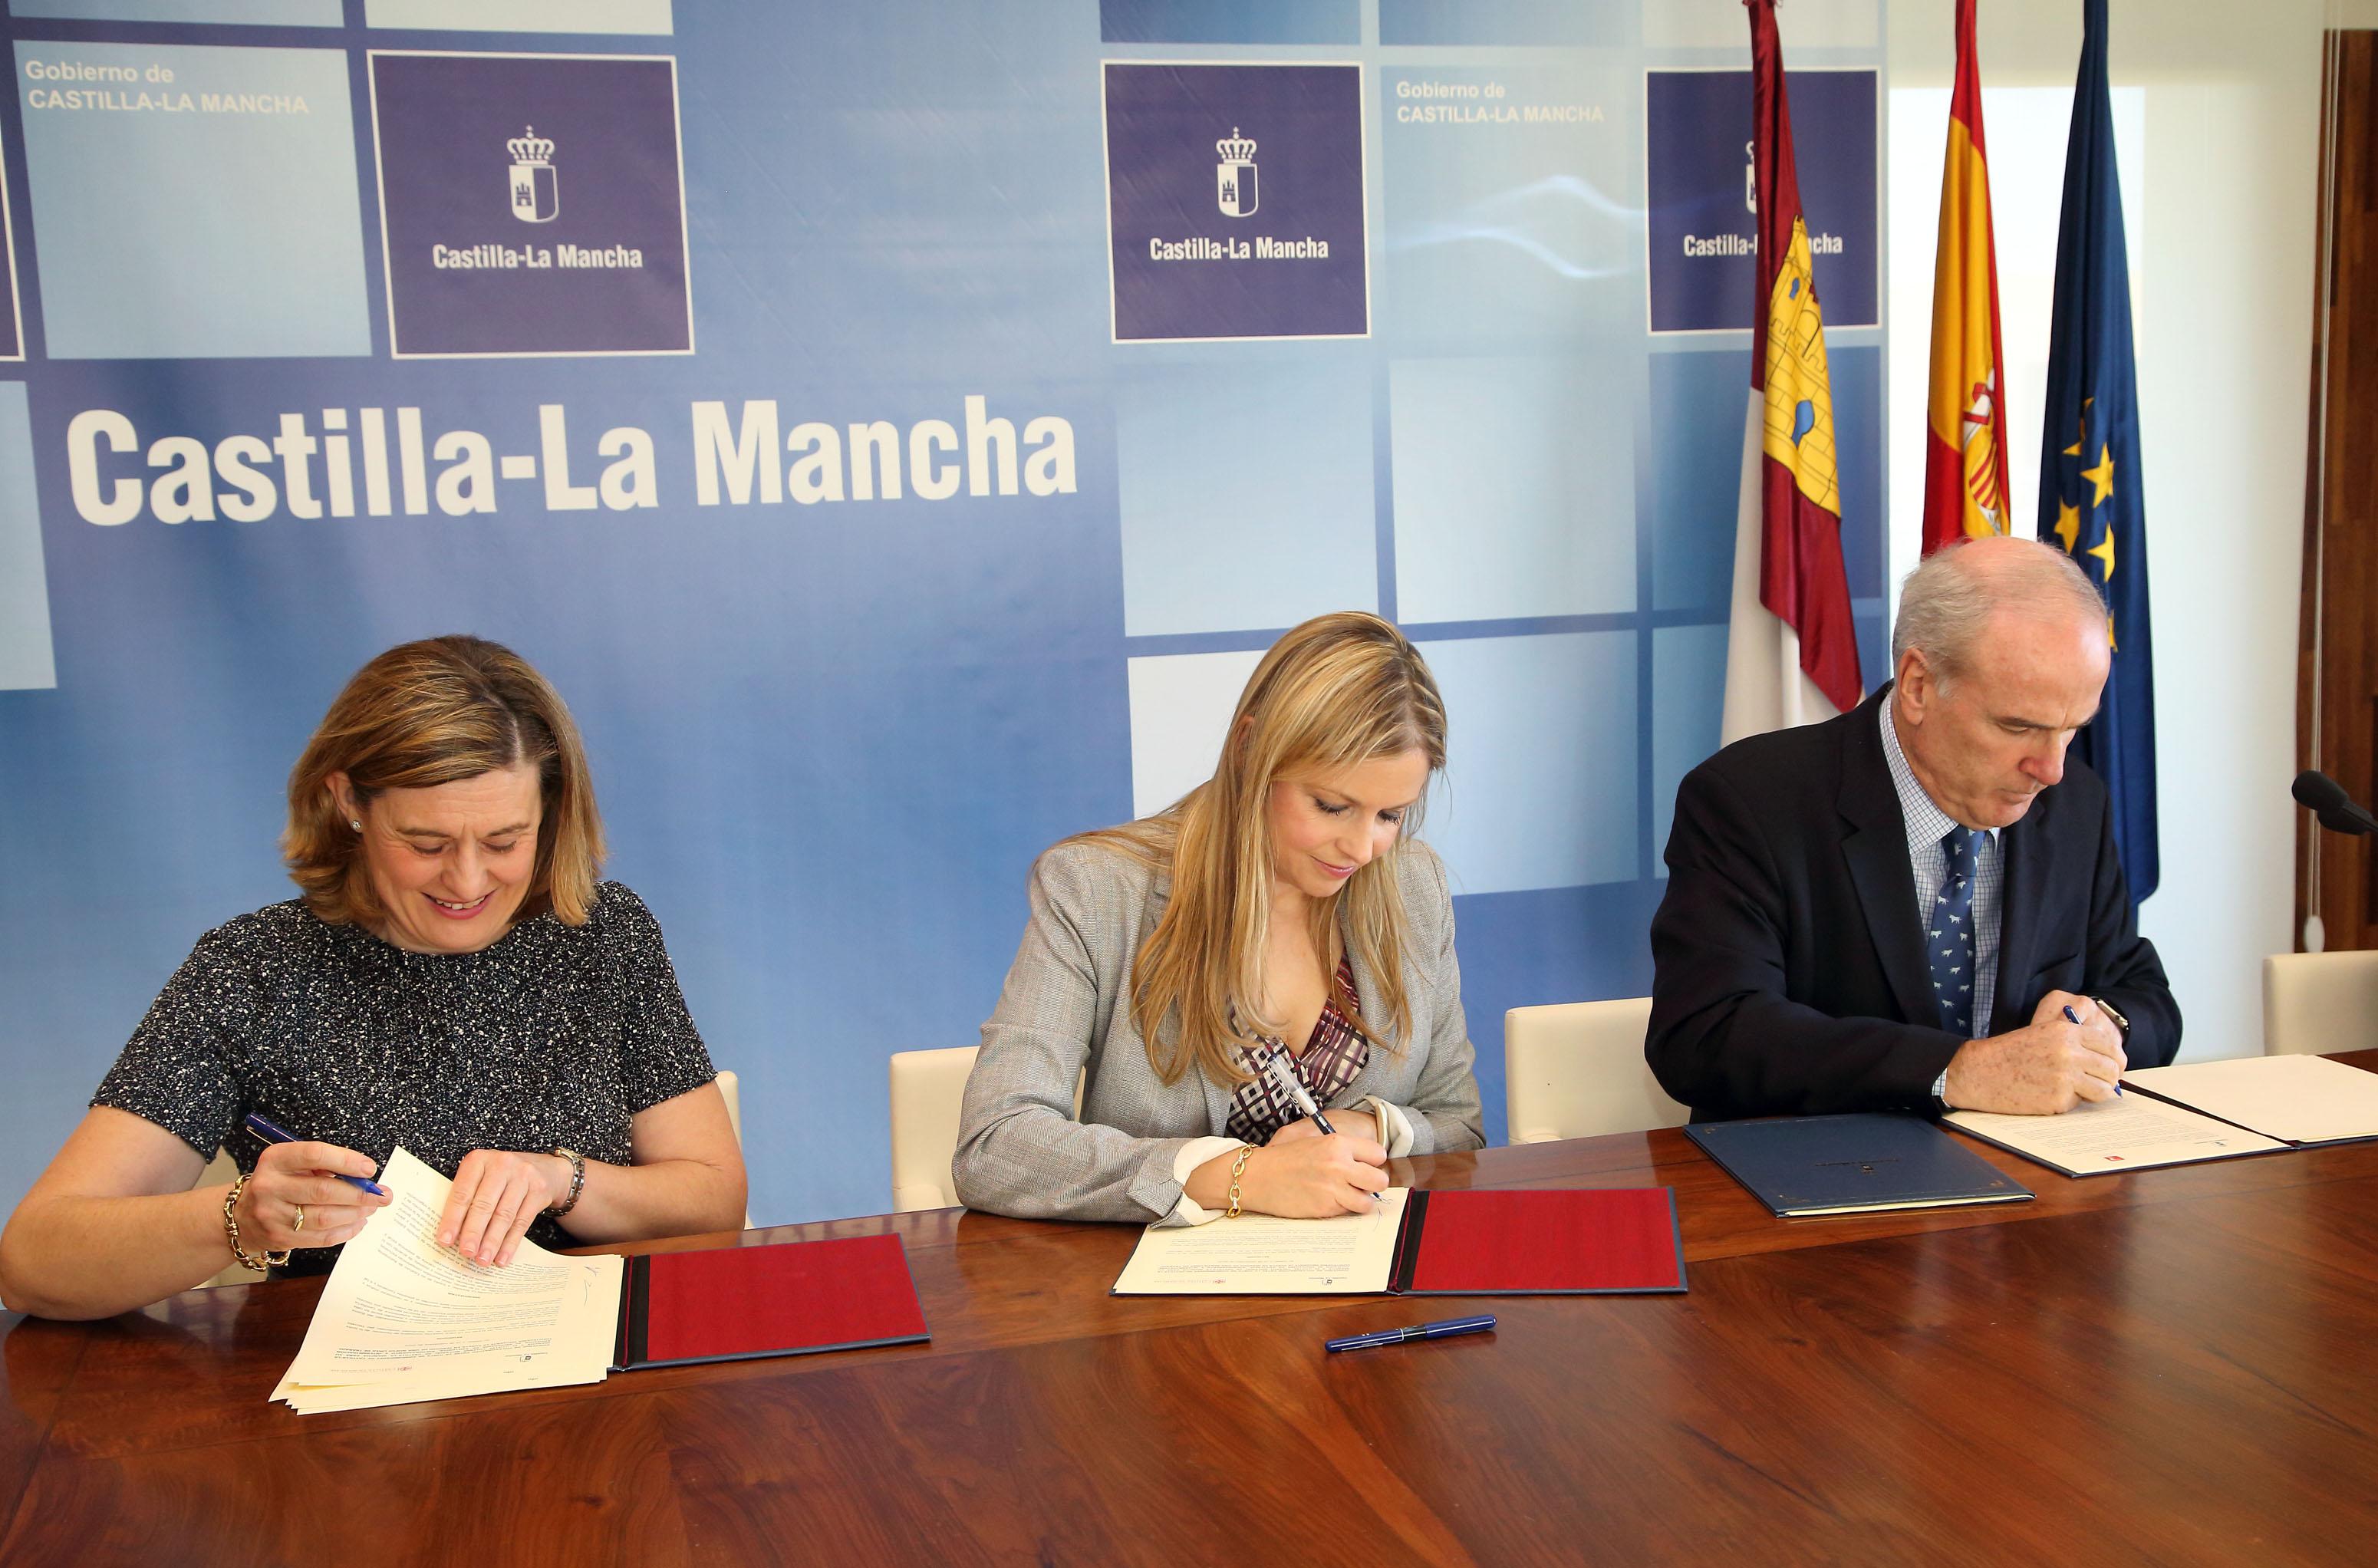 El acuerdo del gobierno regional con notarios y for Oficina virtual de castilla la mancha